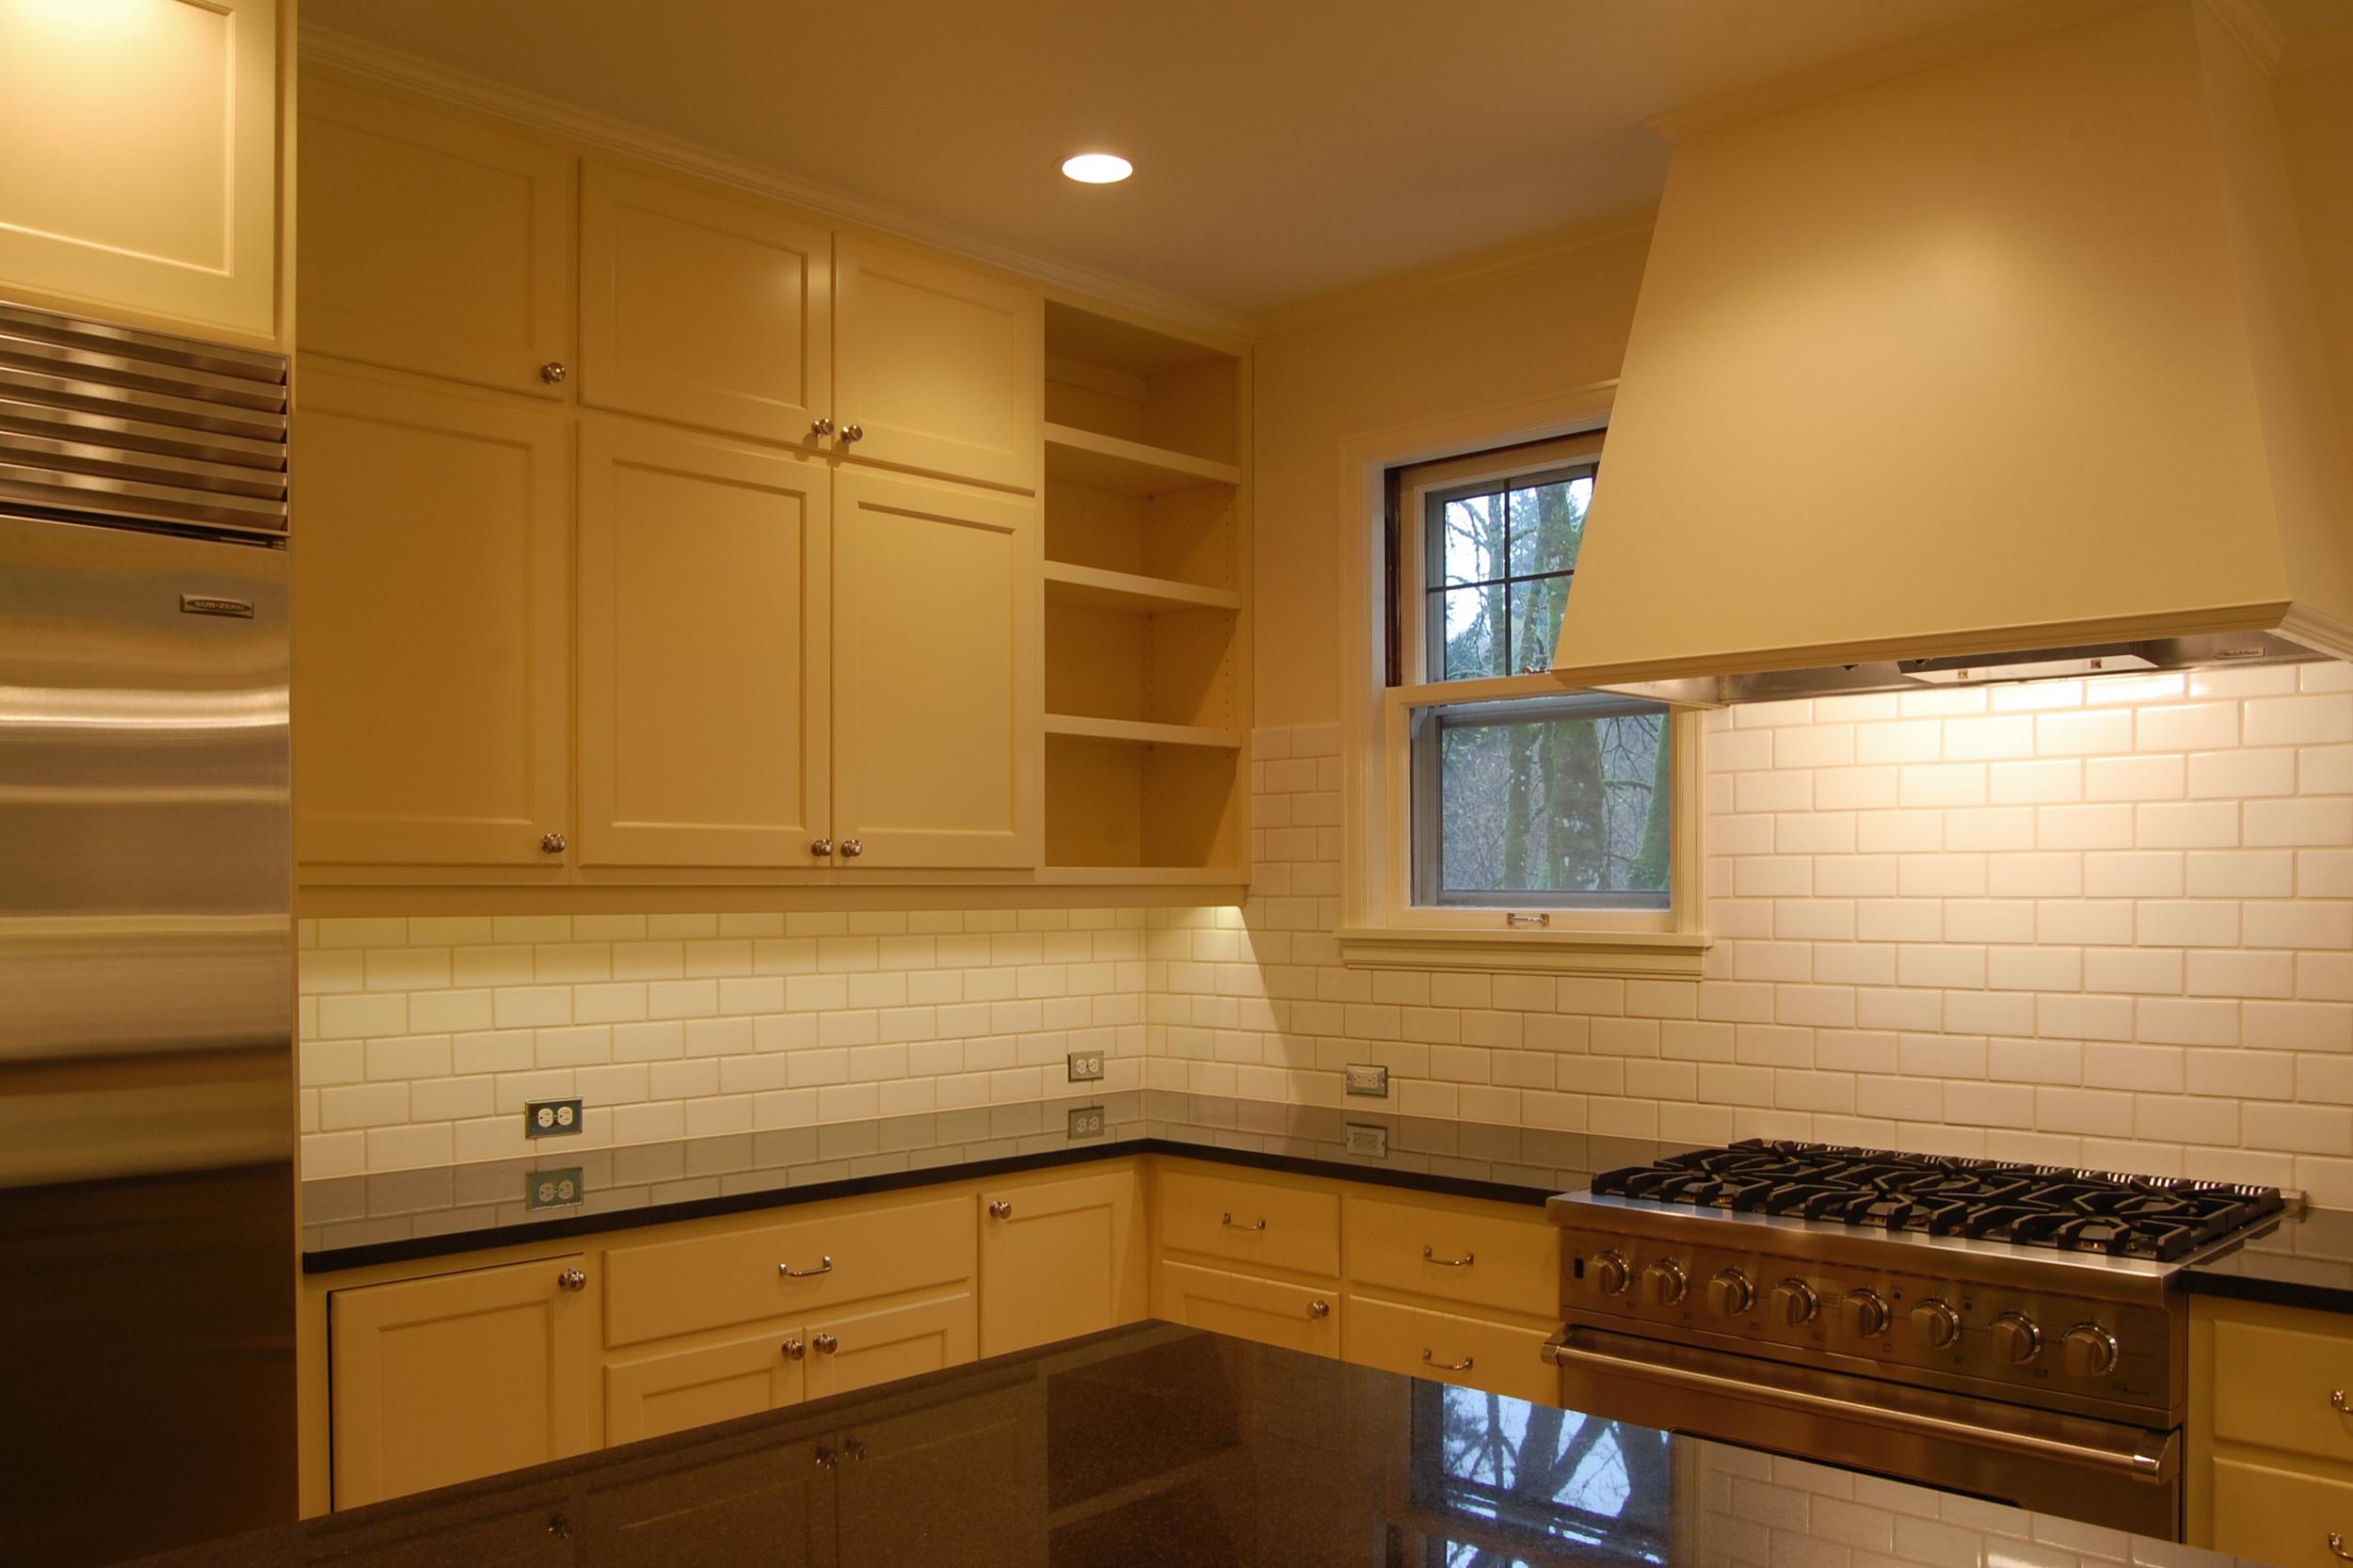 vista_kitchen_11.jpg